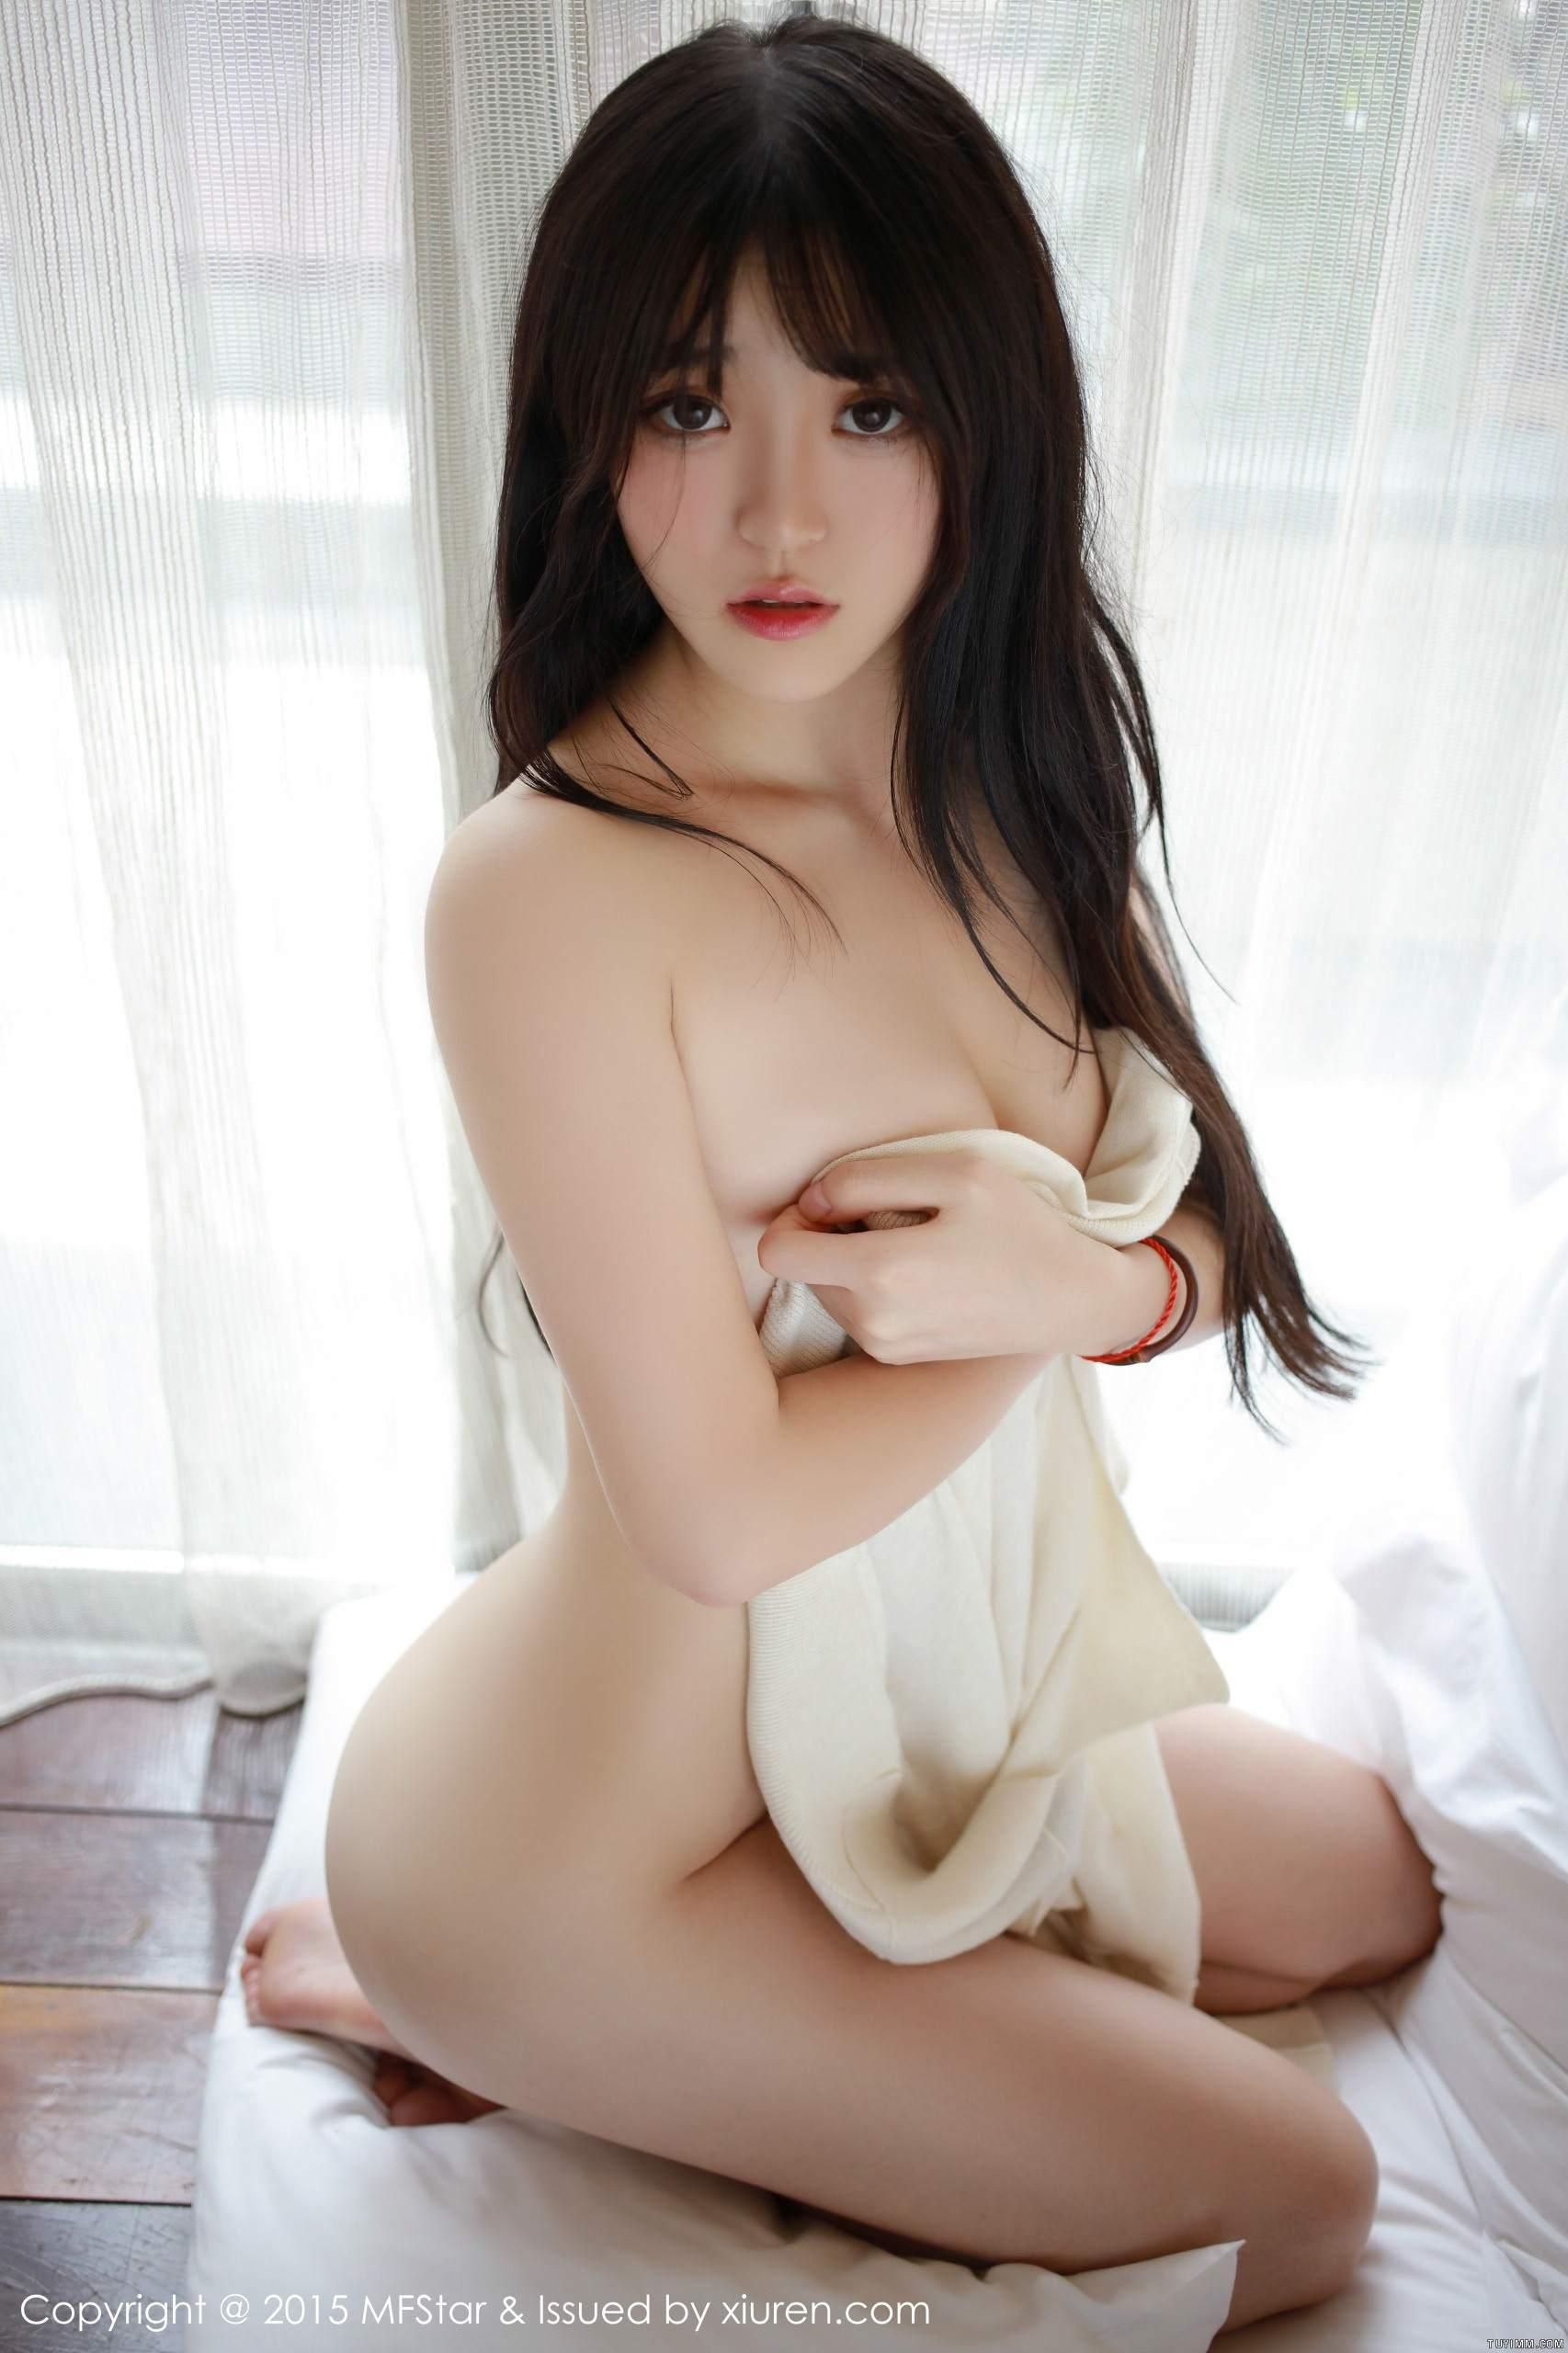 [福利]黑丝美腿校花美女制服诱惑养眼萌妹子写真图片-第36张图片-哔哔娱乐网